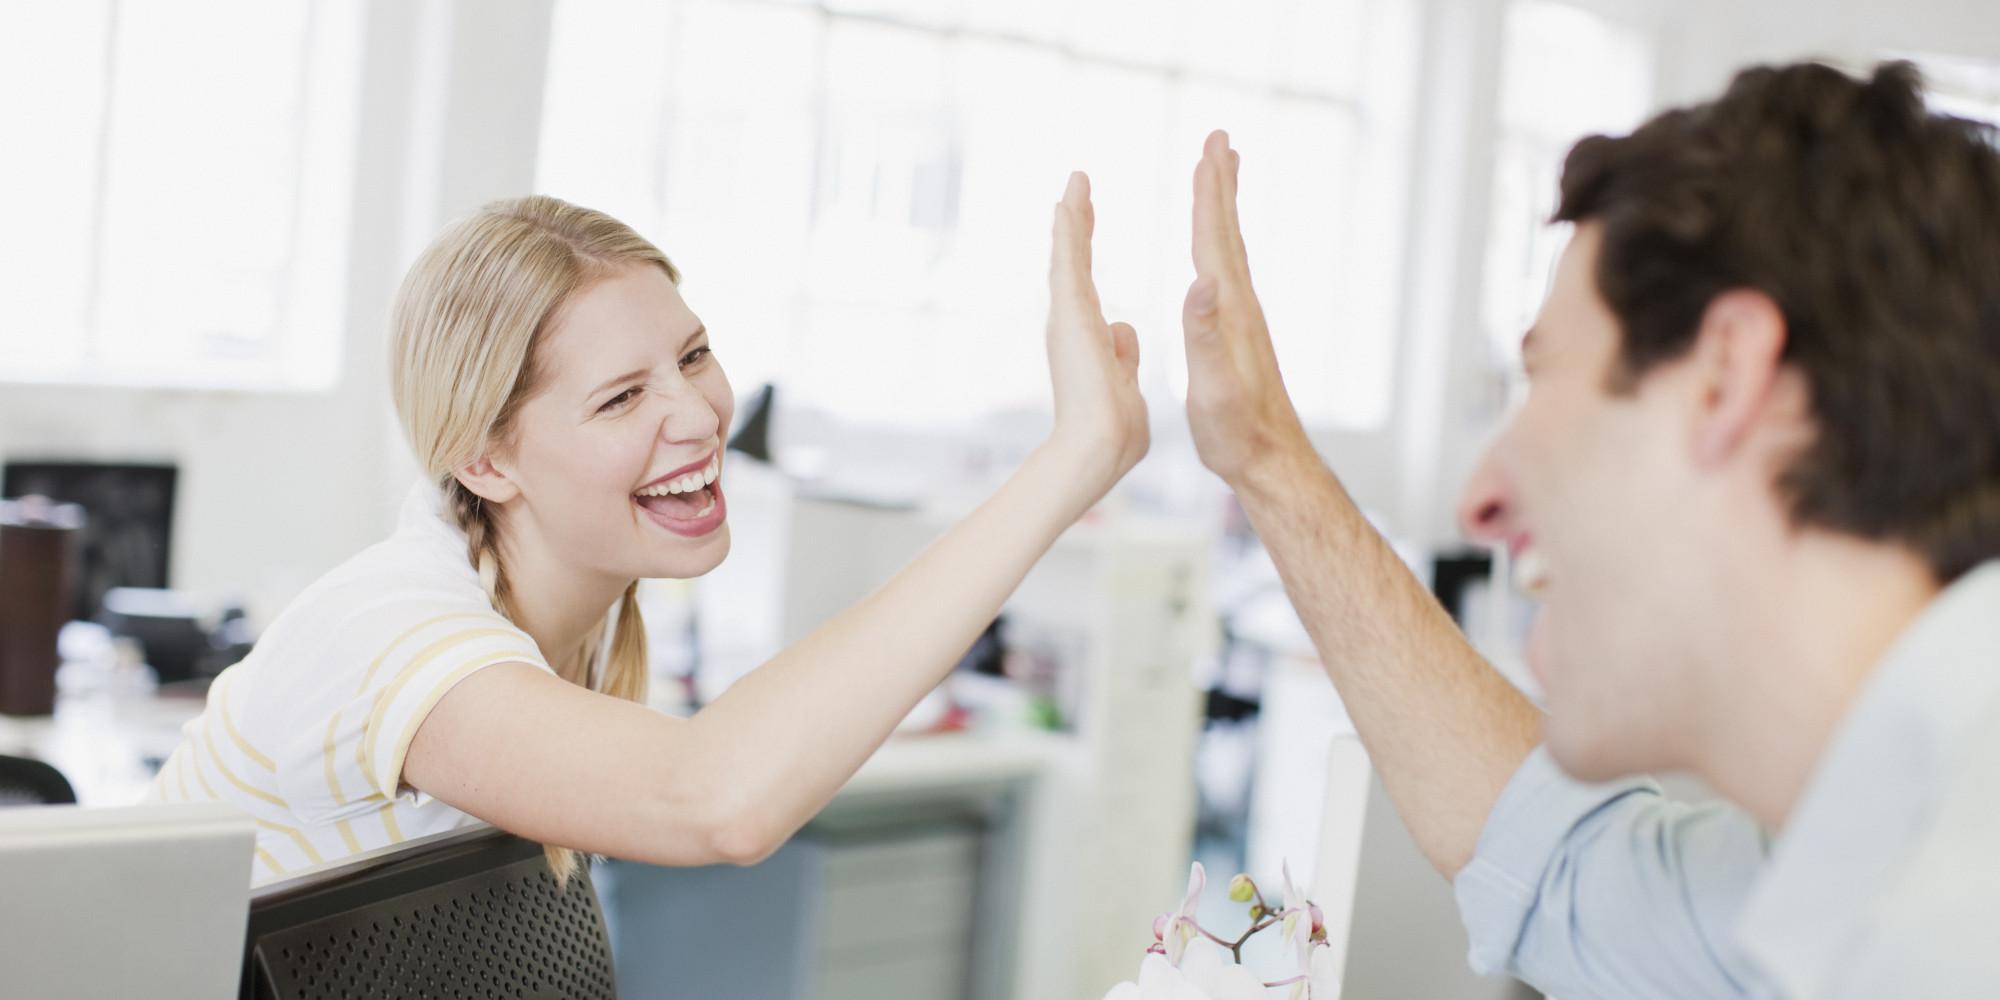 Как положительные эмоции влияют на ваше здоровье?